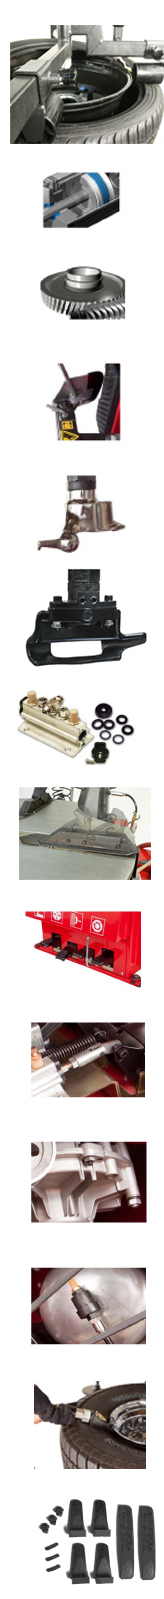 Ranger-R980NXT-NXTF-Tire-Changer-Features.jpg